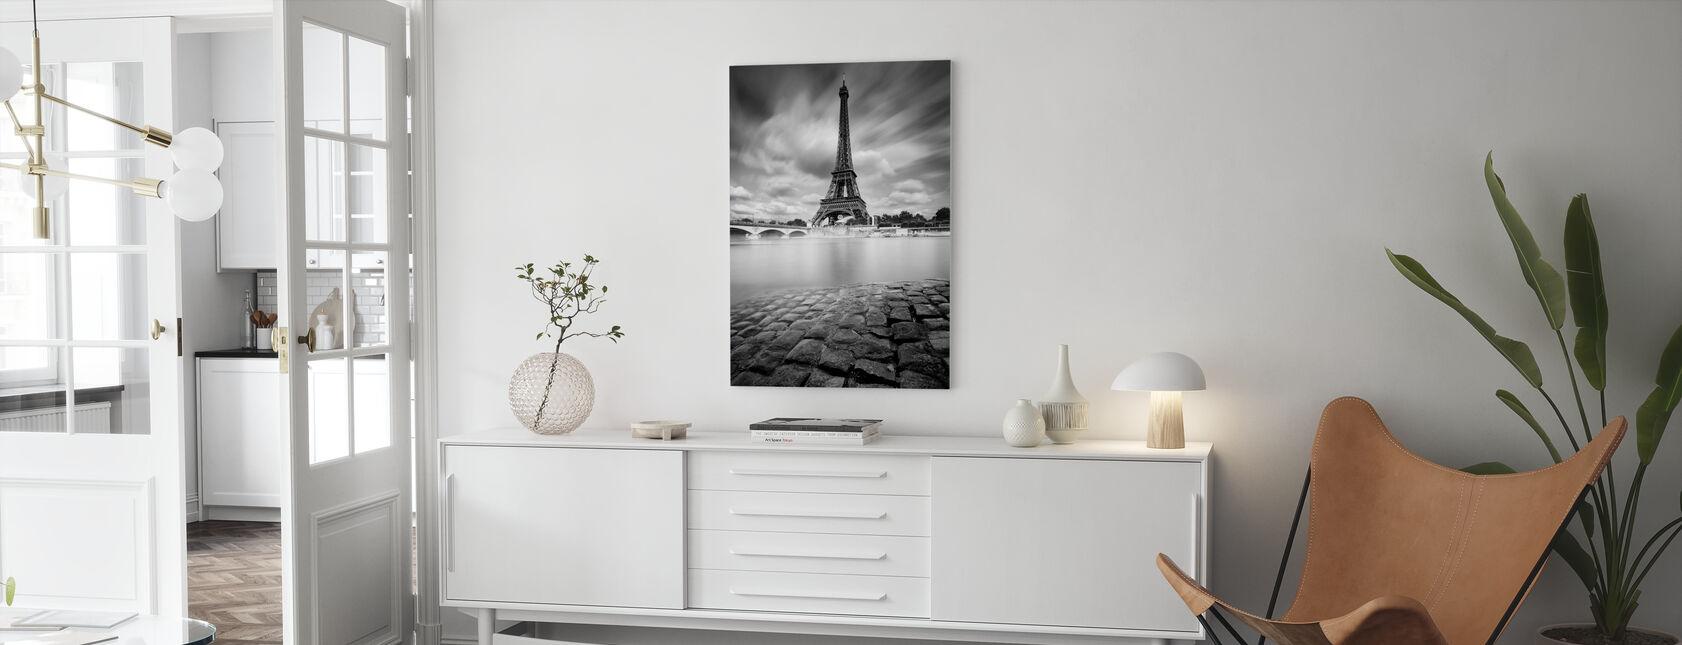 Eiffel-tornin tutkimus - Canvastaulu - Olohuone